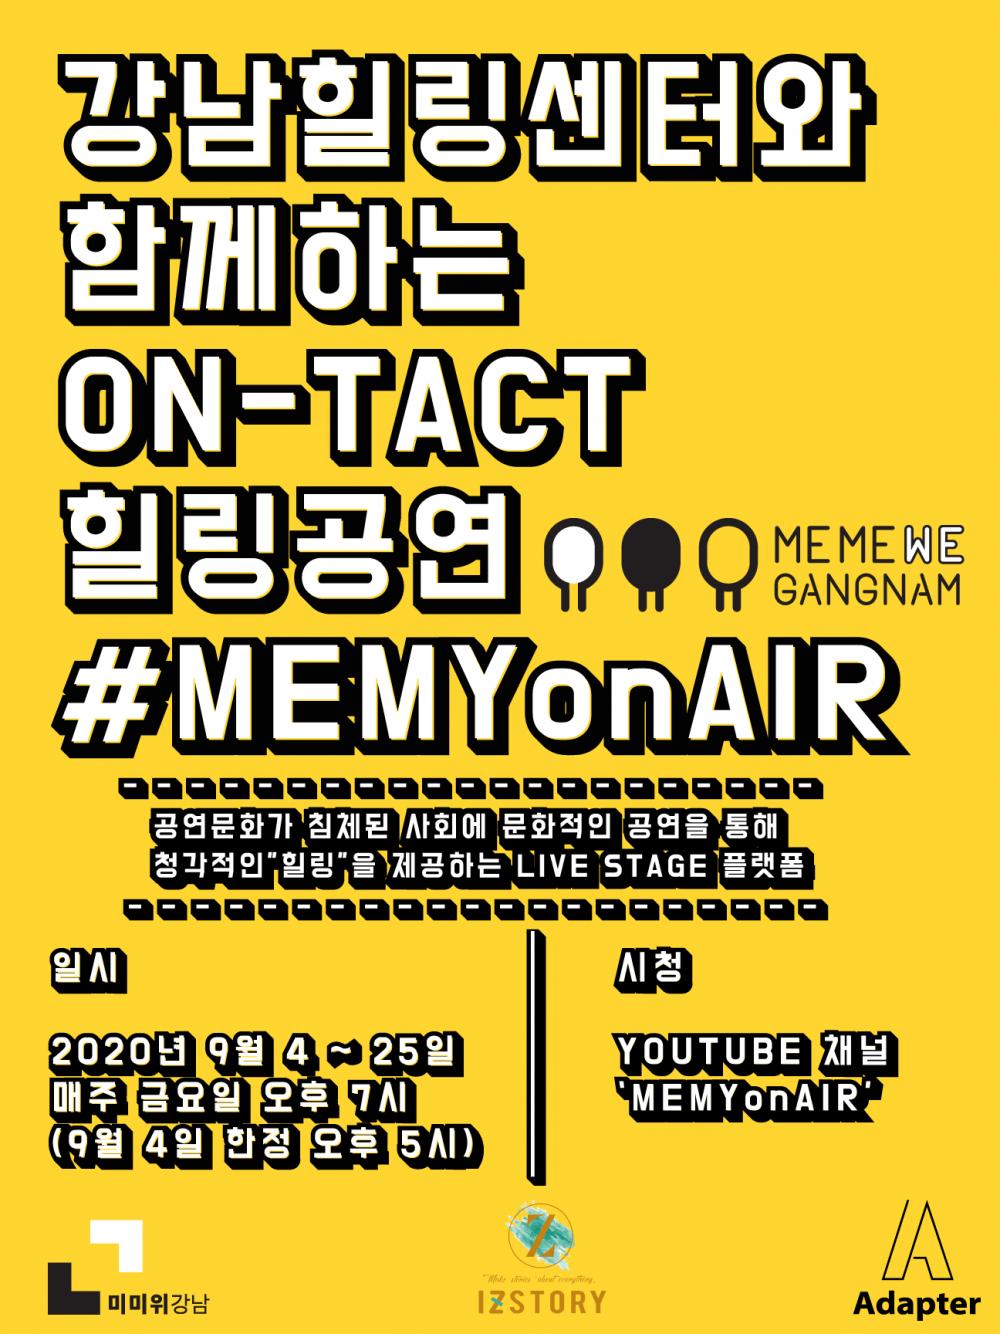 '미스터트롯' 출신 하동근-정호, 온택트 공연으로 뭉친다! 강남구청과 함께 온택트 공연...